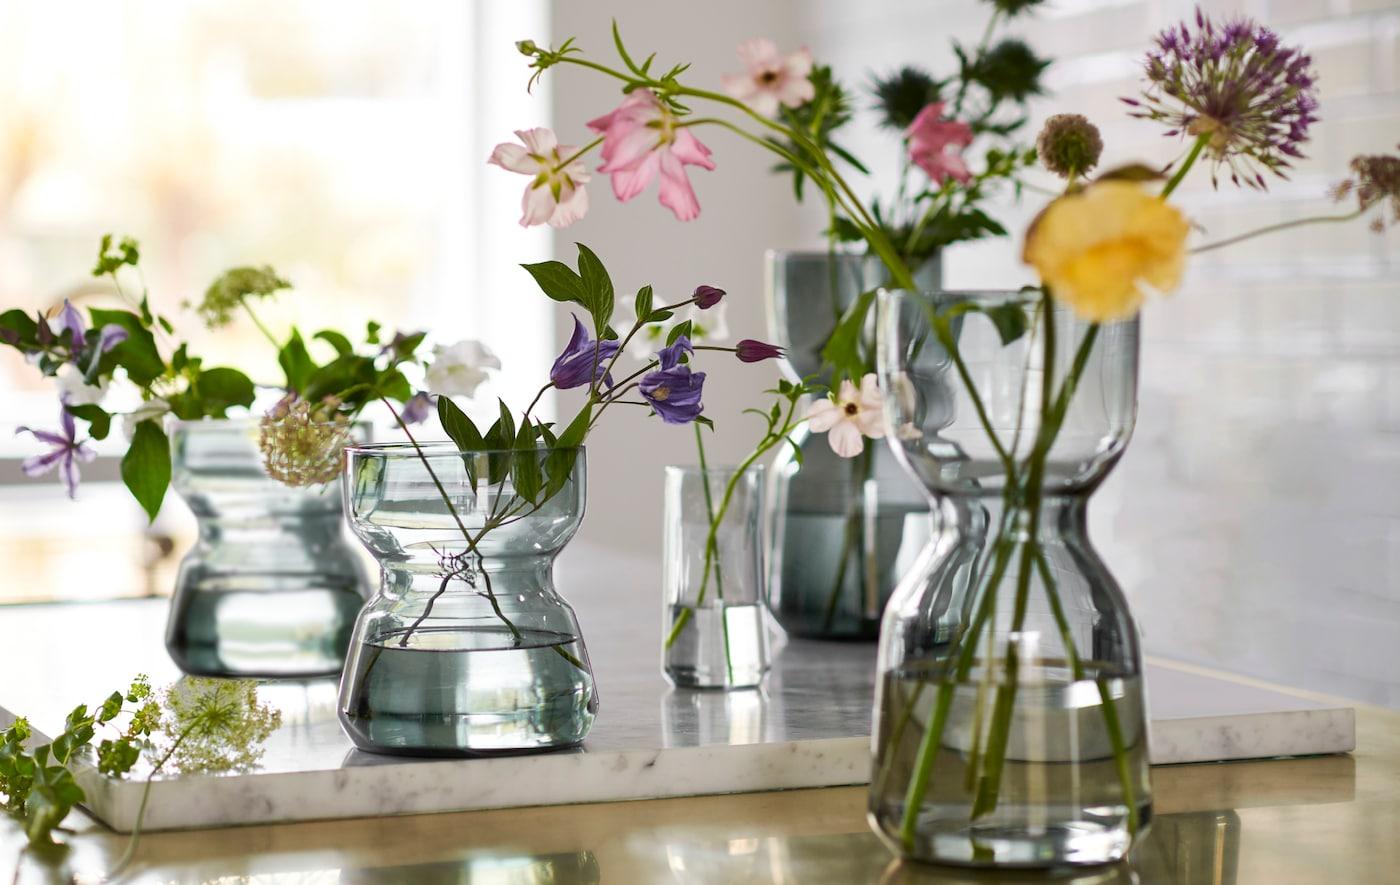 工作台上放着几个插着鲜花的 OMTÄNKSAM 沃姆安克萨姆 玻璃花瓶,瓶身采用别具一格的设计,便于抓握。